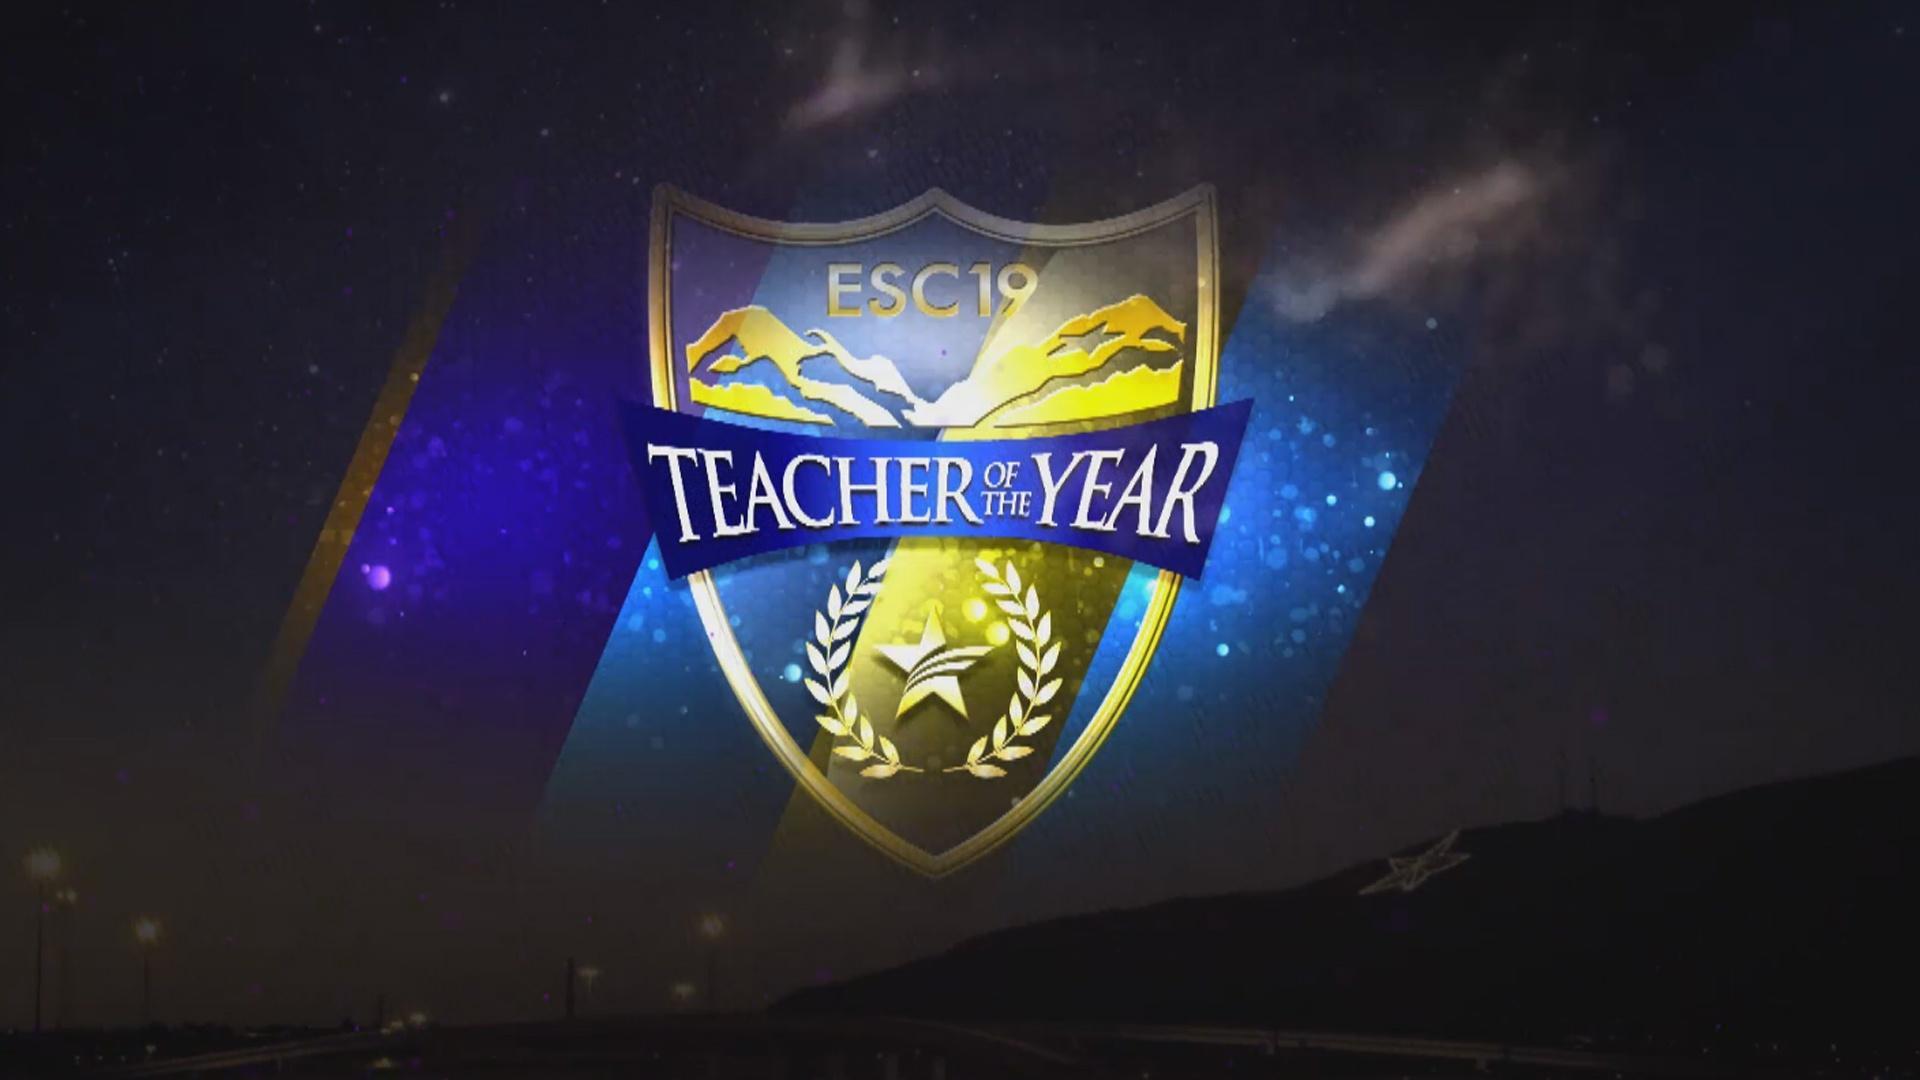 ESC Region 19 Teacher of the Year Awards Celebration